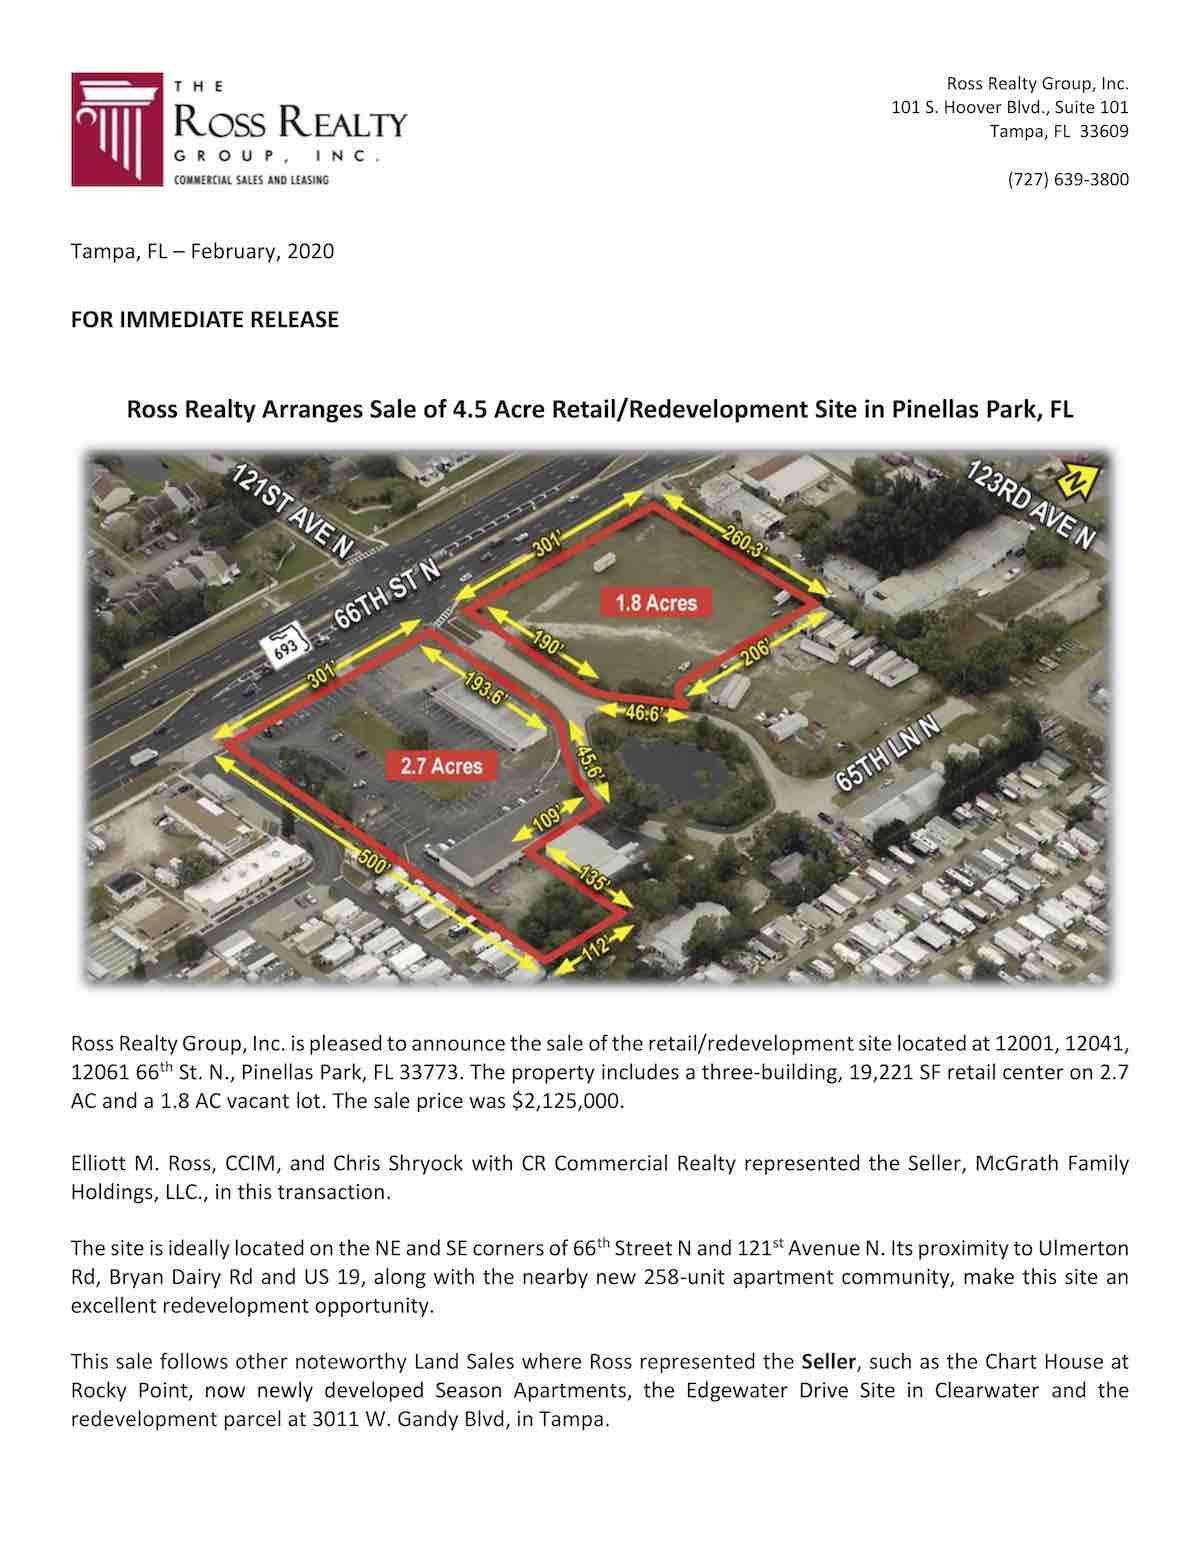 PR-20200218-Pine Lake Press Release P1